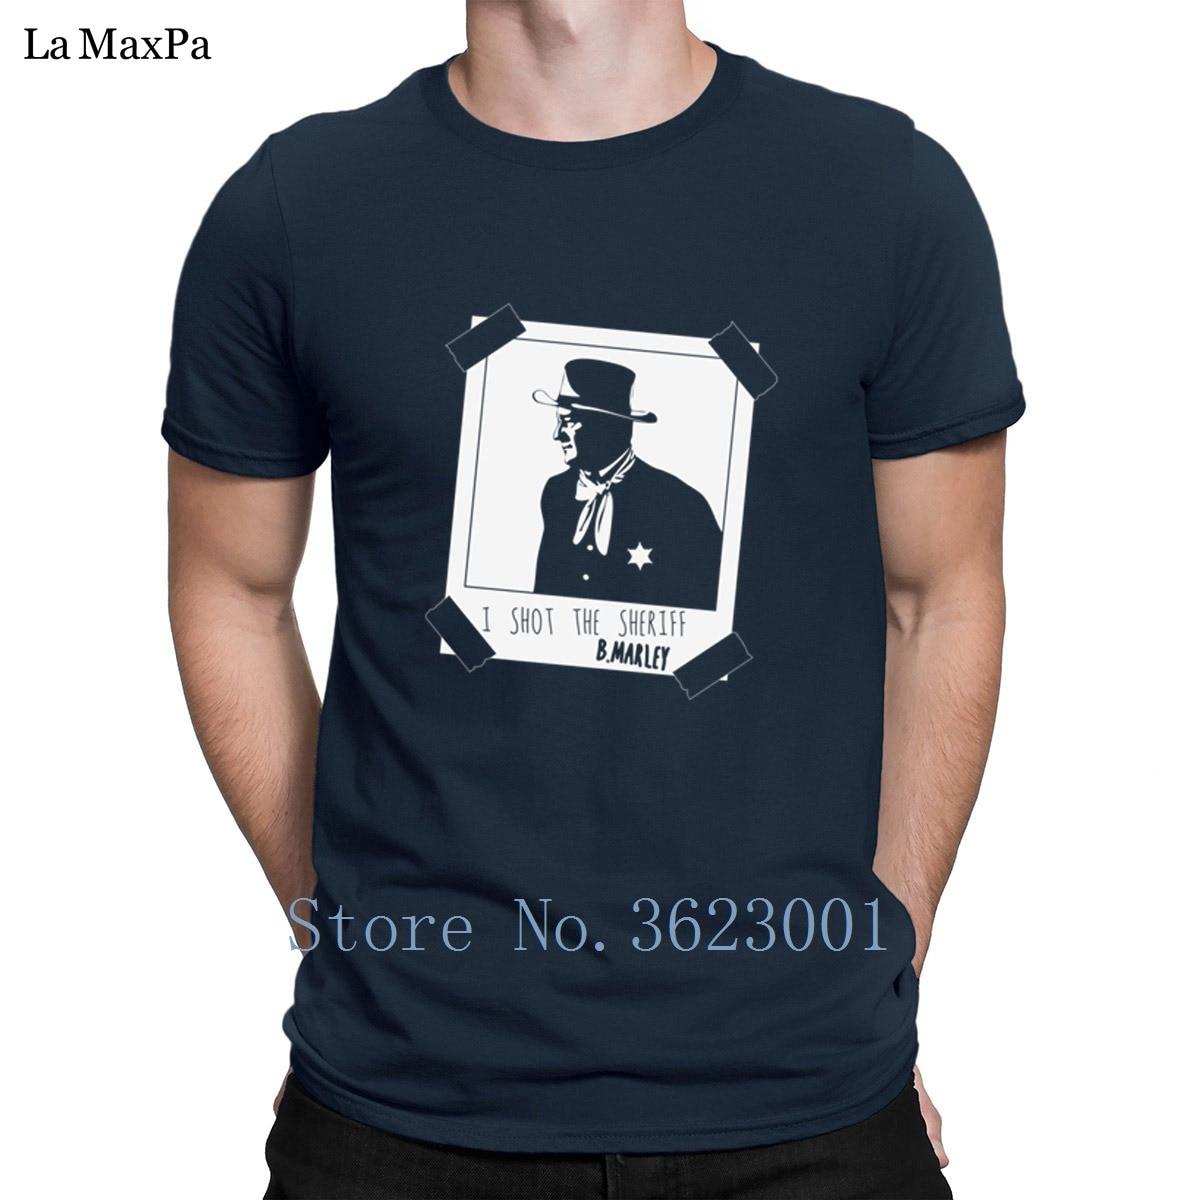 Проектирование Забавный футболка для Для мужчин я снимал шерифа футболка человек Фирменные Твердые Цвет футболка известный футболка Новин...